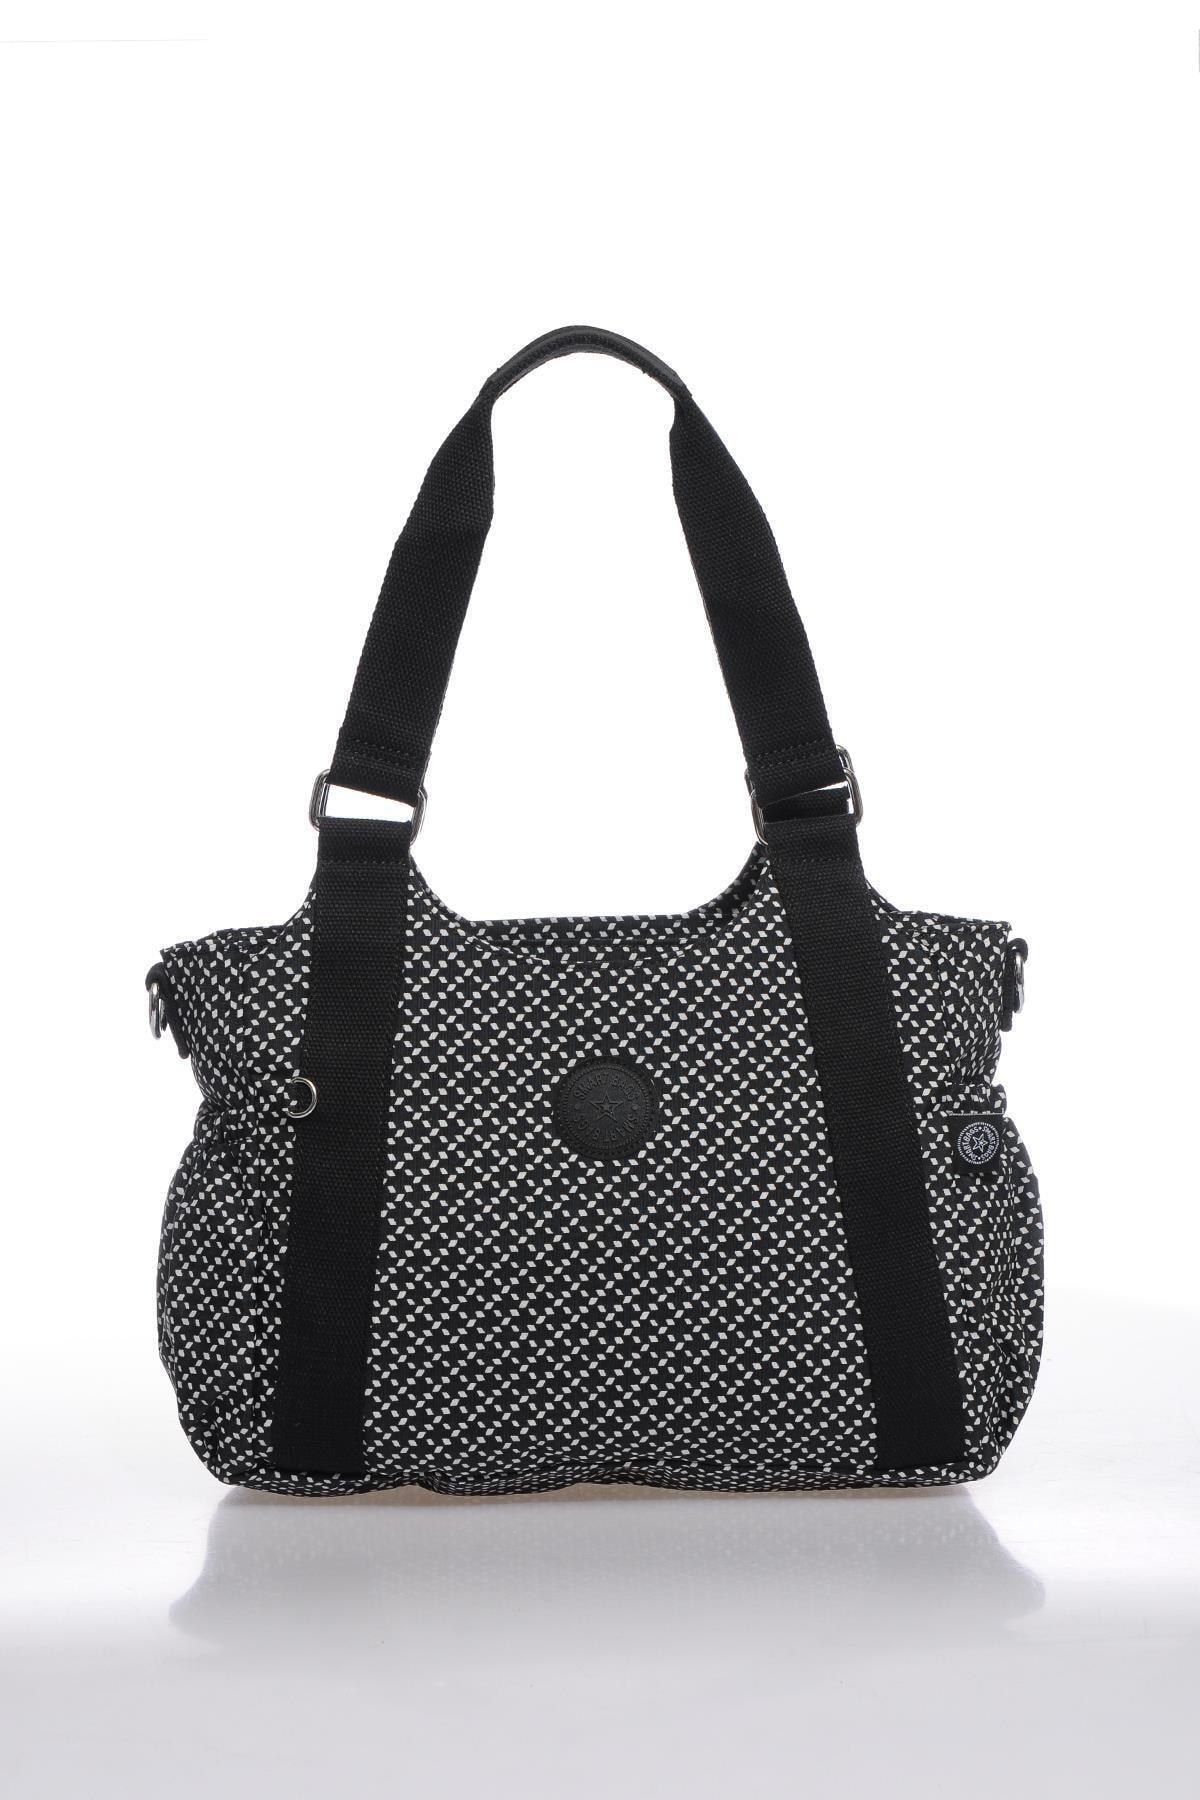 SMART BAGS Kadın Siyah Beyaz Omuz Çantası Smbk1163-0127 1